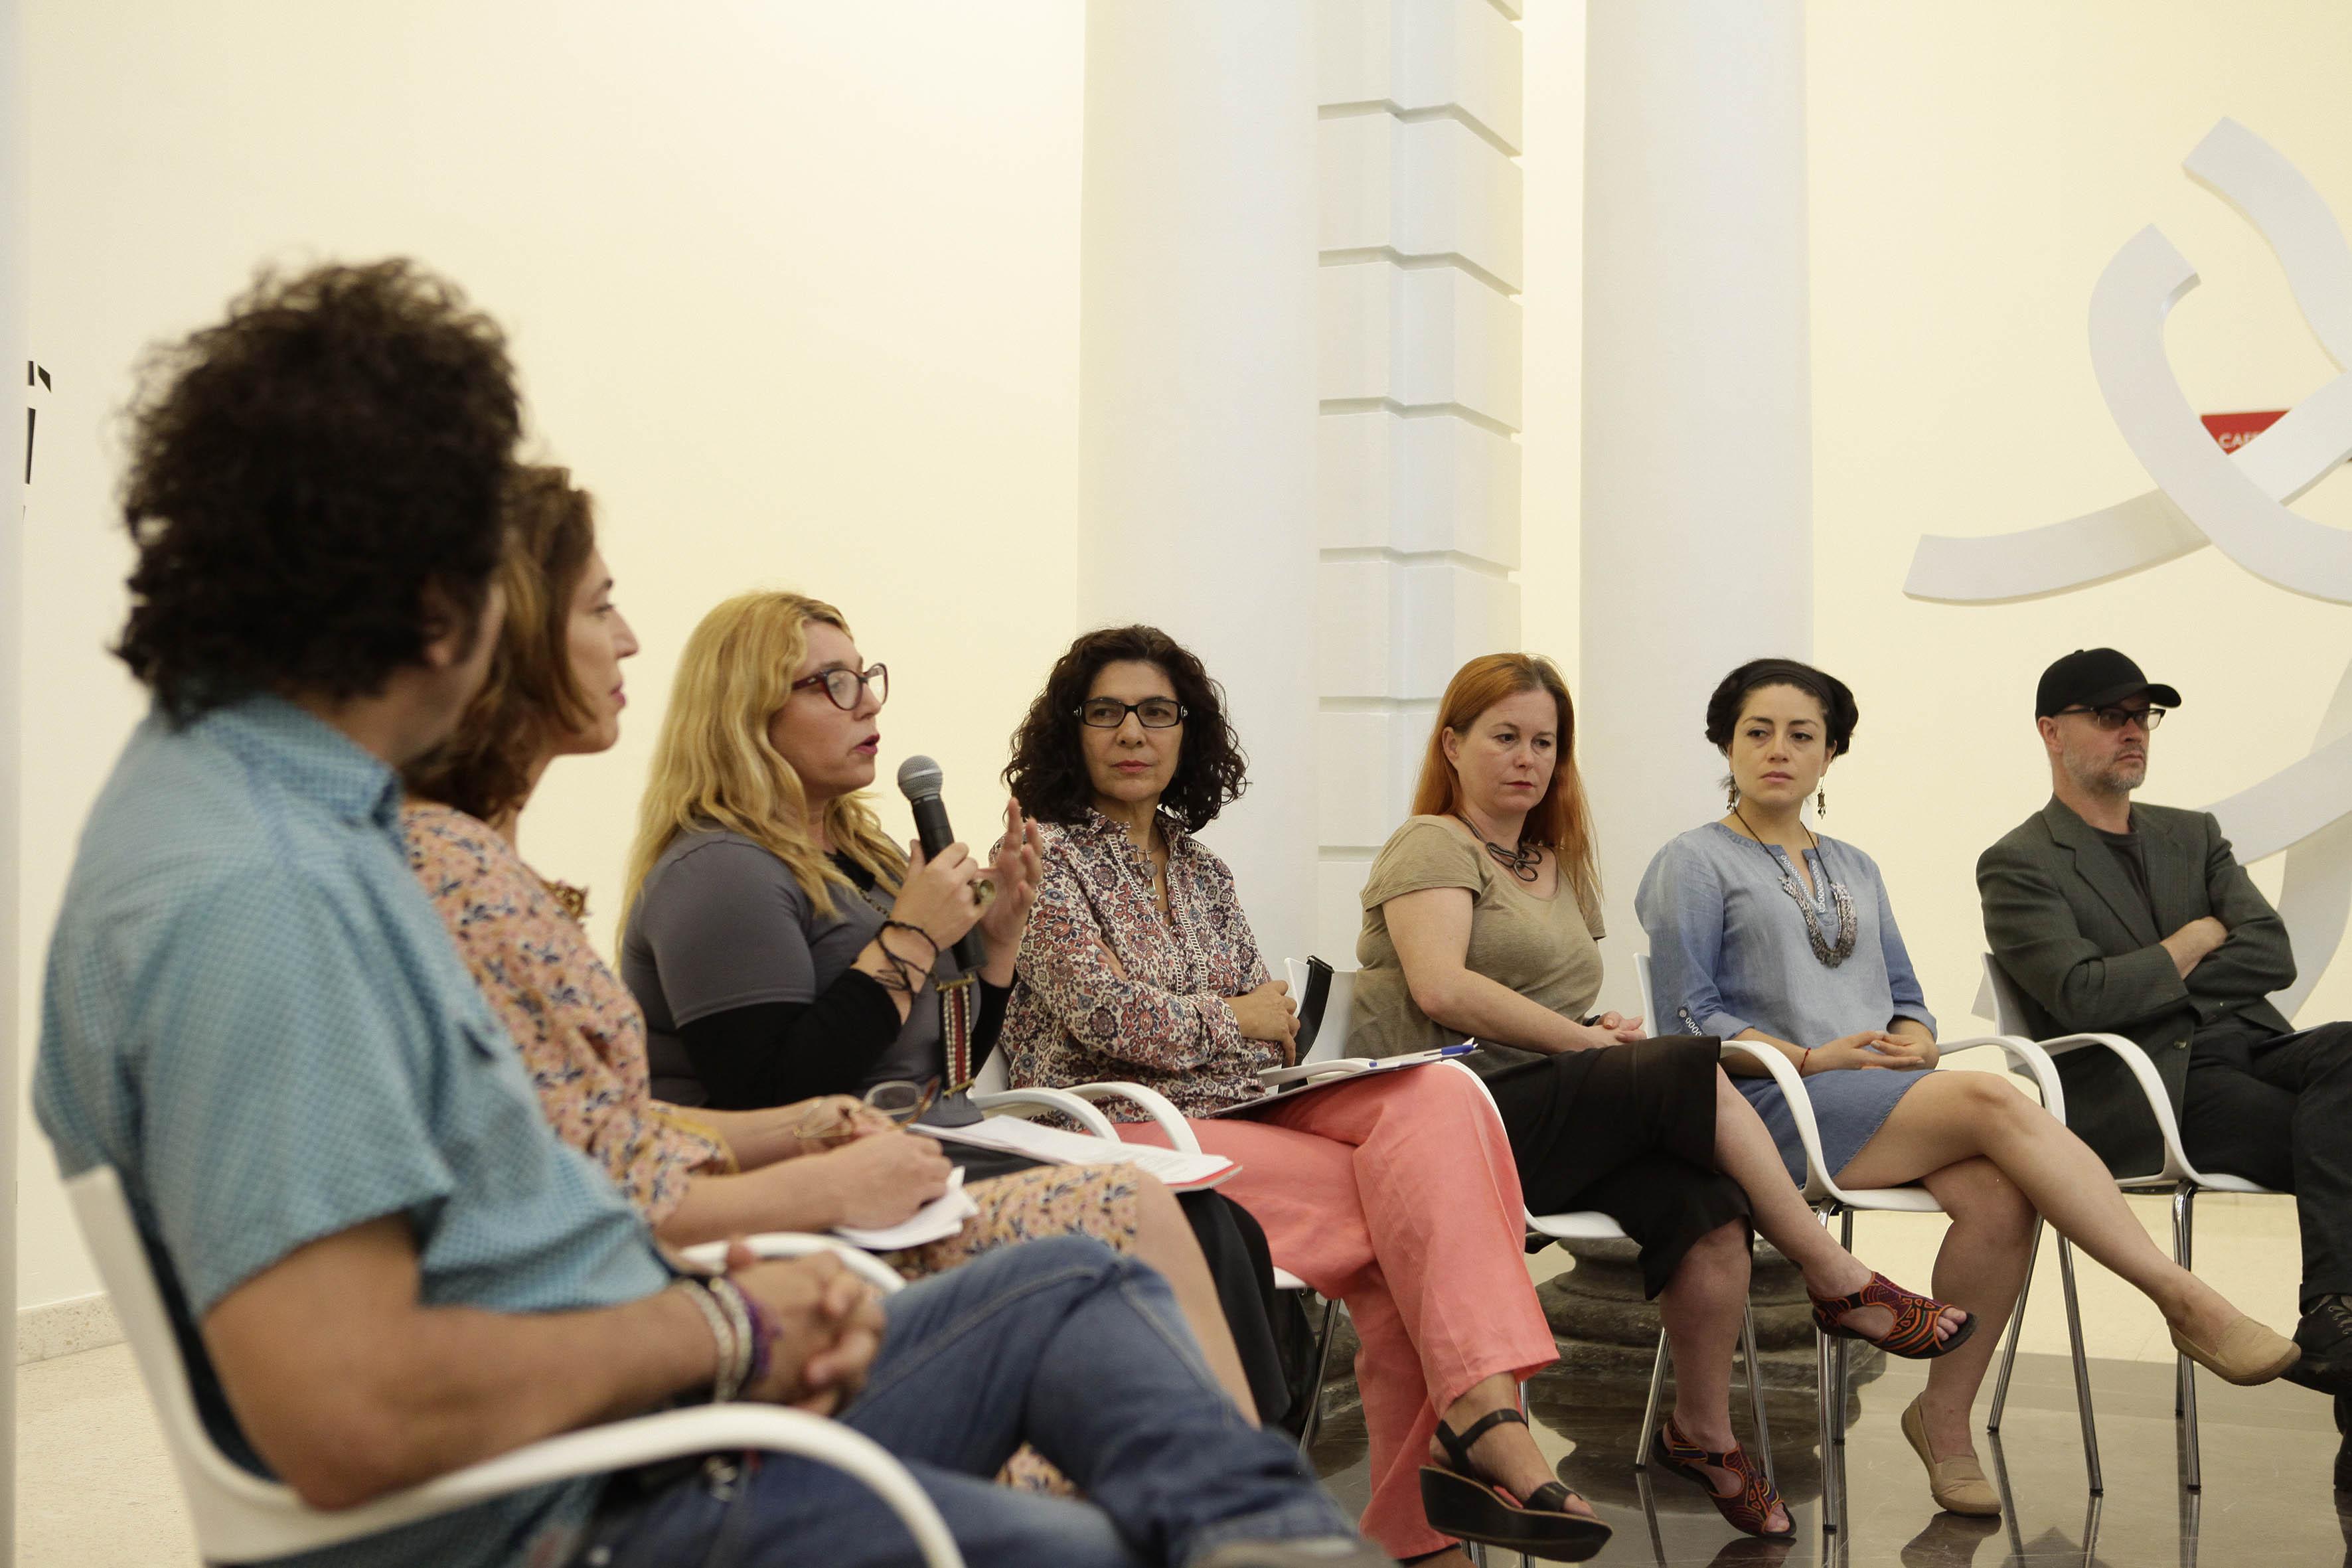 La doctora Marisa Caichiolo, encargada de la curaduría de la muestra en exposición, con micrófonoen mano haciendo uso de la palabra.